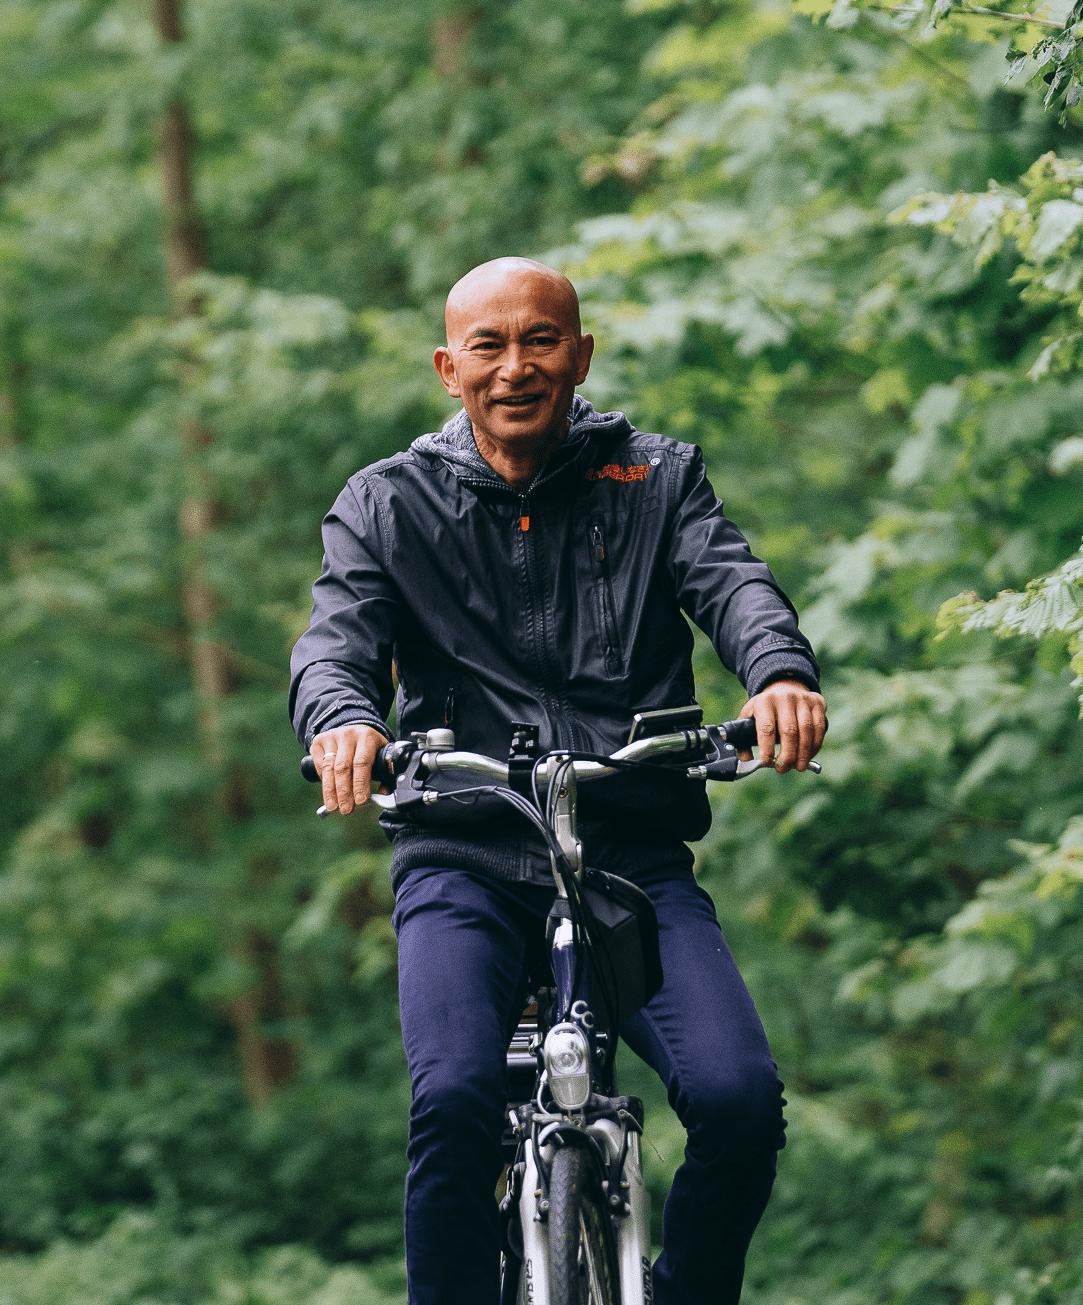 Verban slechte dagen, ga fietsen